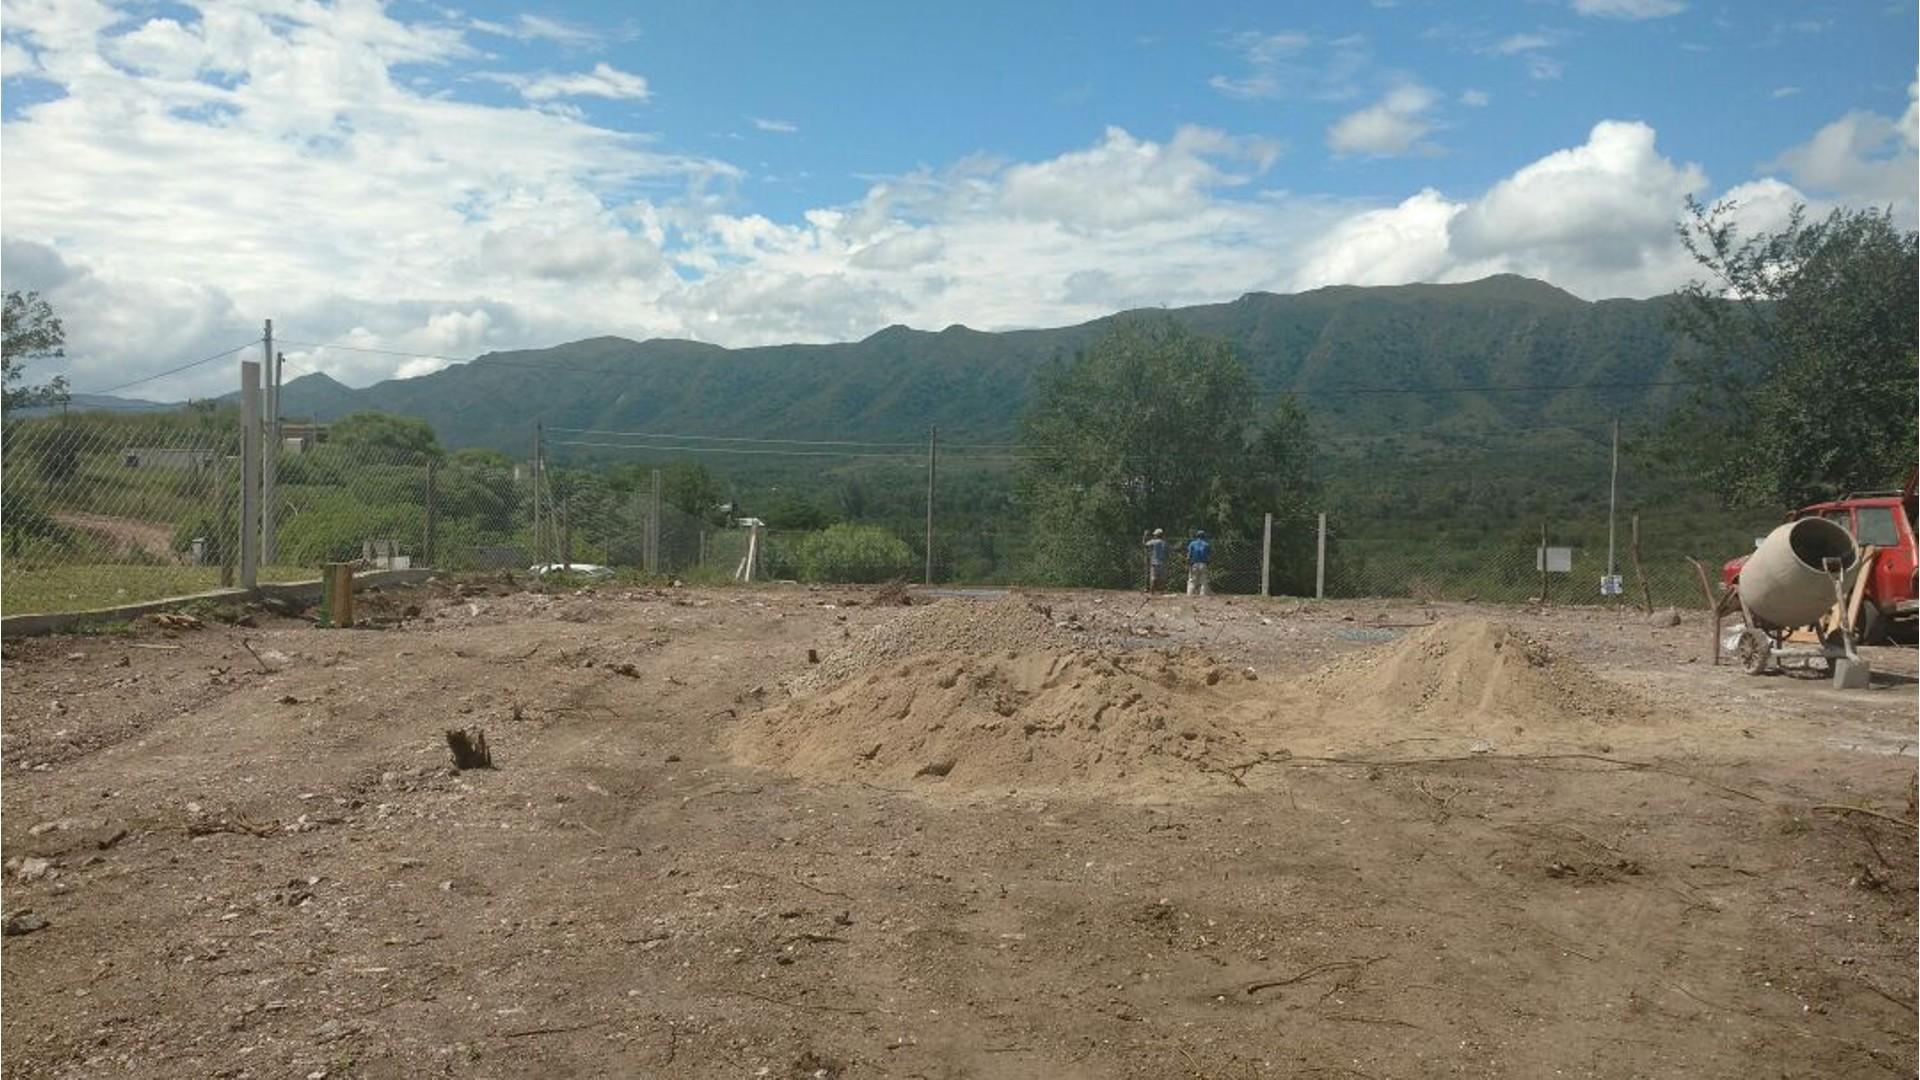 Nºref:764 -TERRENO EN BIALET MASSE A 100 MTS DE LA RUTA CON EXCELENTE VISTA A LAS SIERRAS